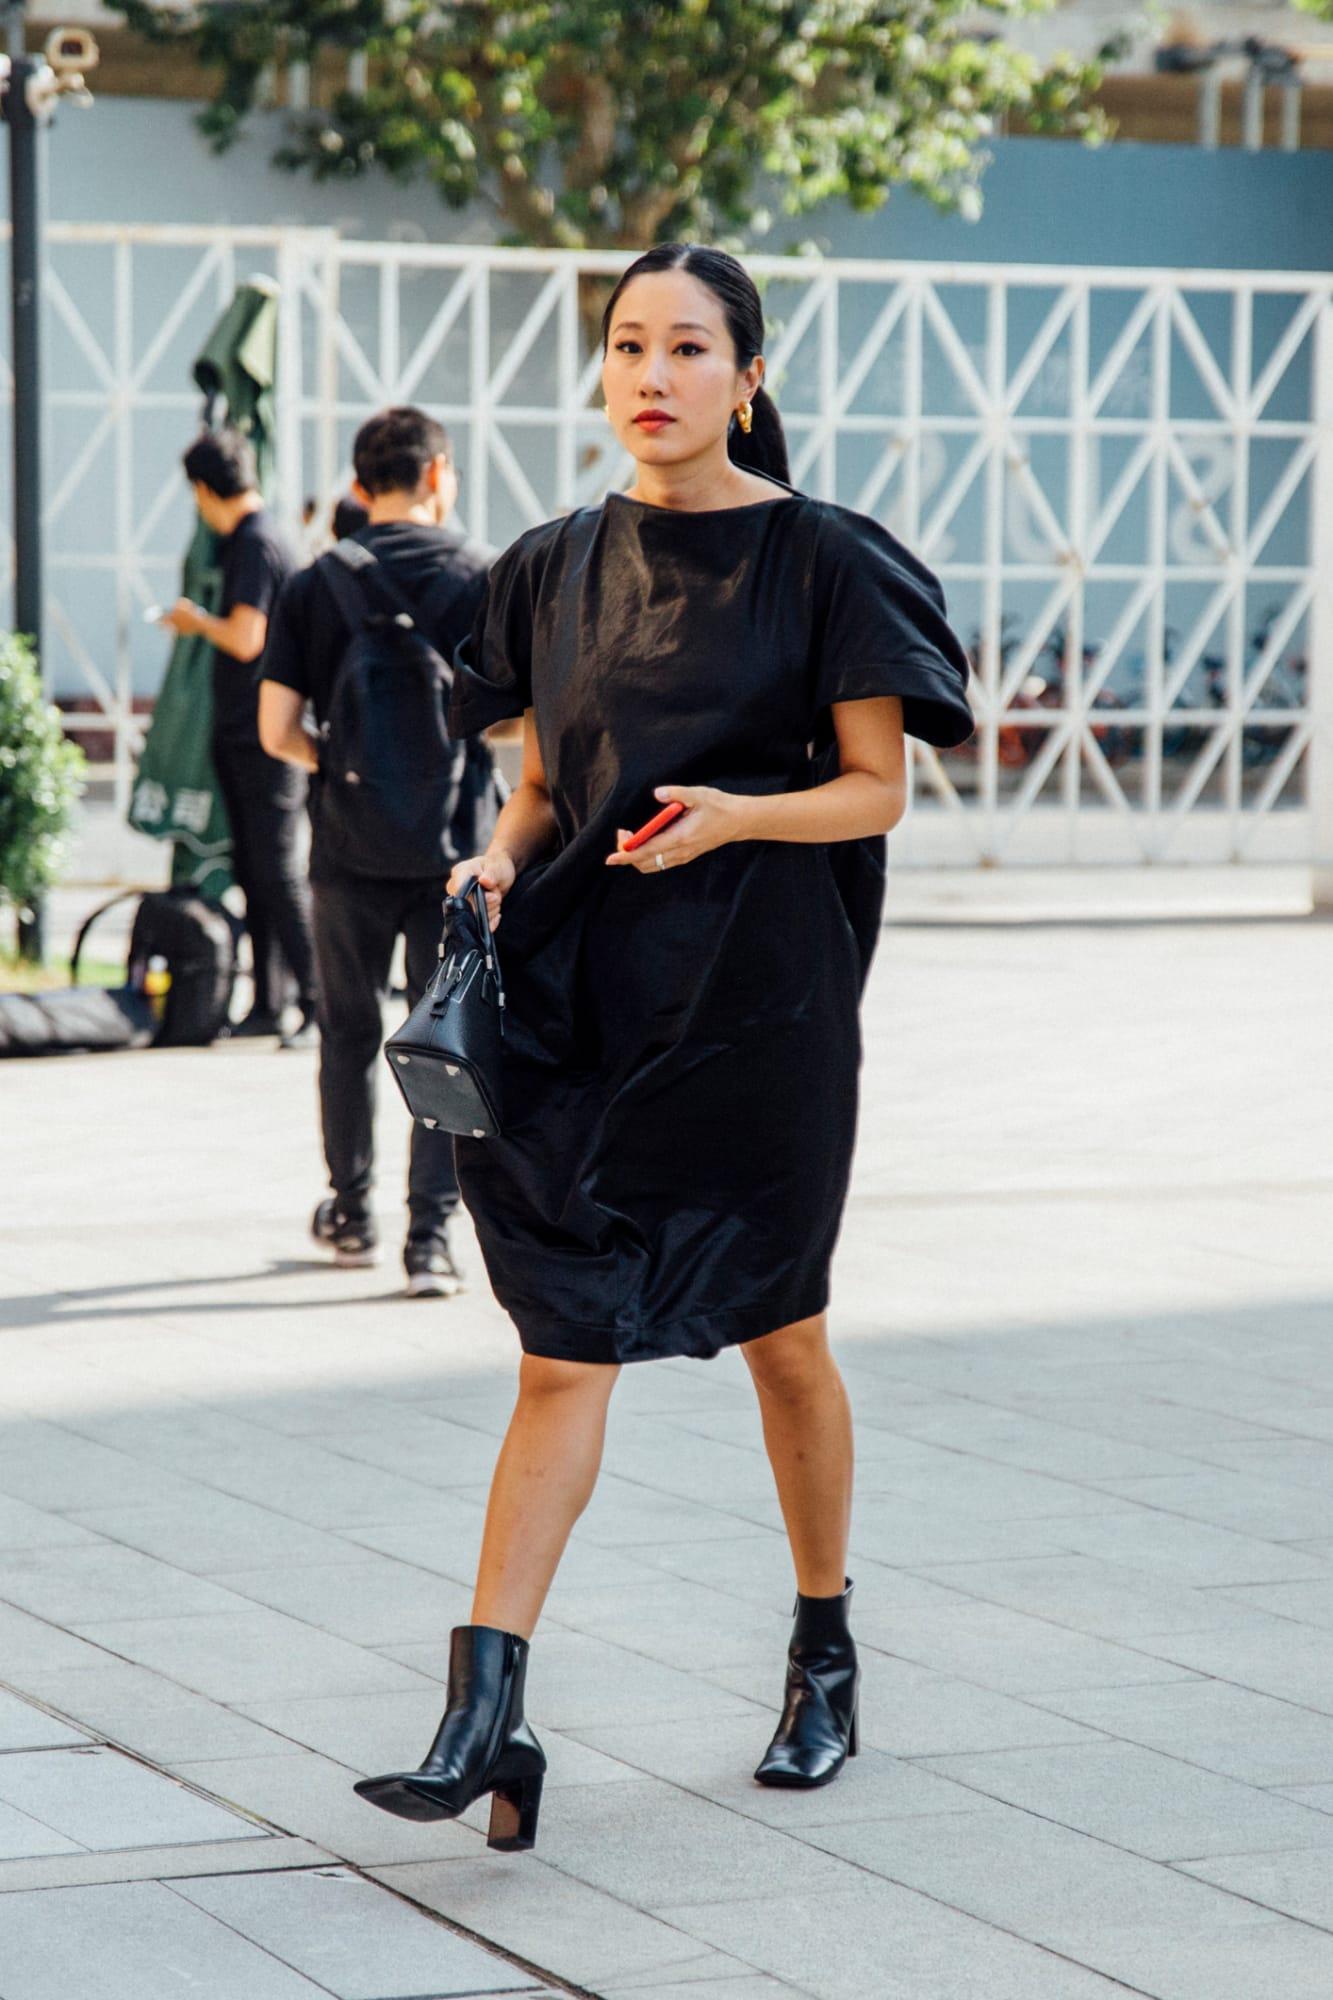 Boots cao gót phối cùng đầm đen